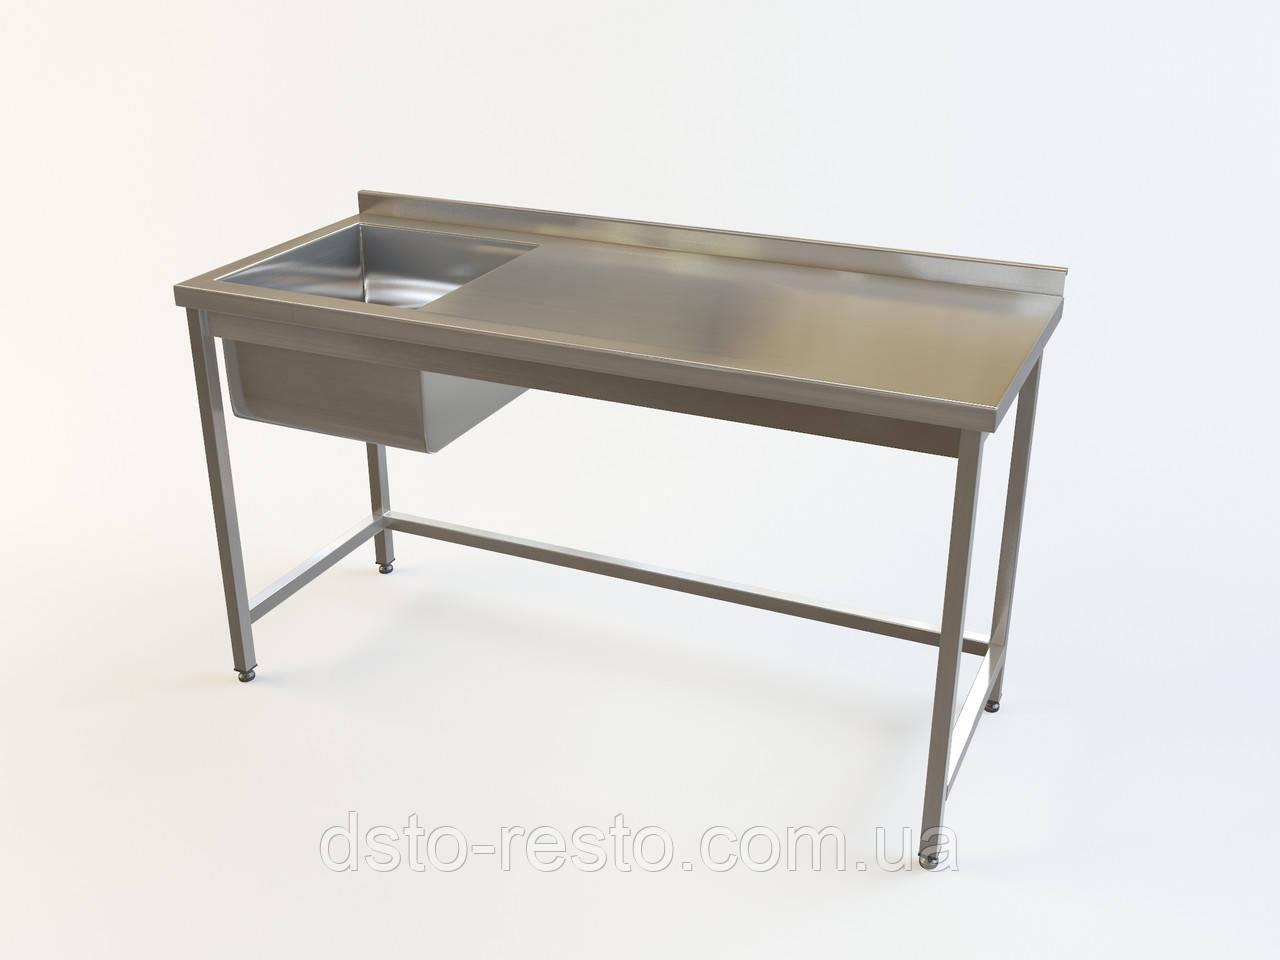 Ванна мийна зі столом 1000/500/850 мм